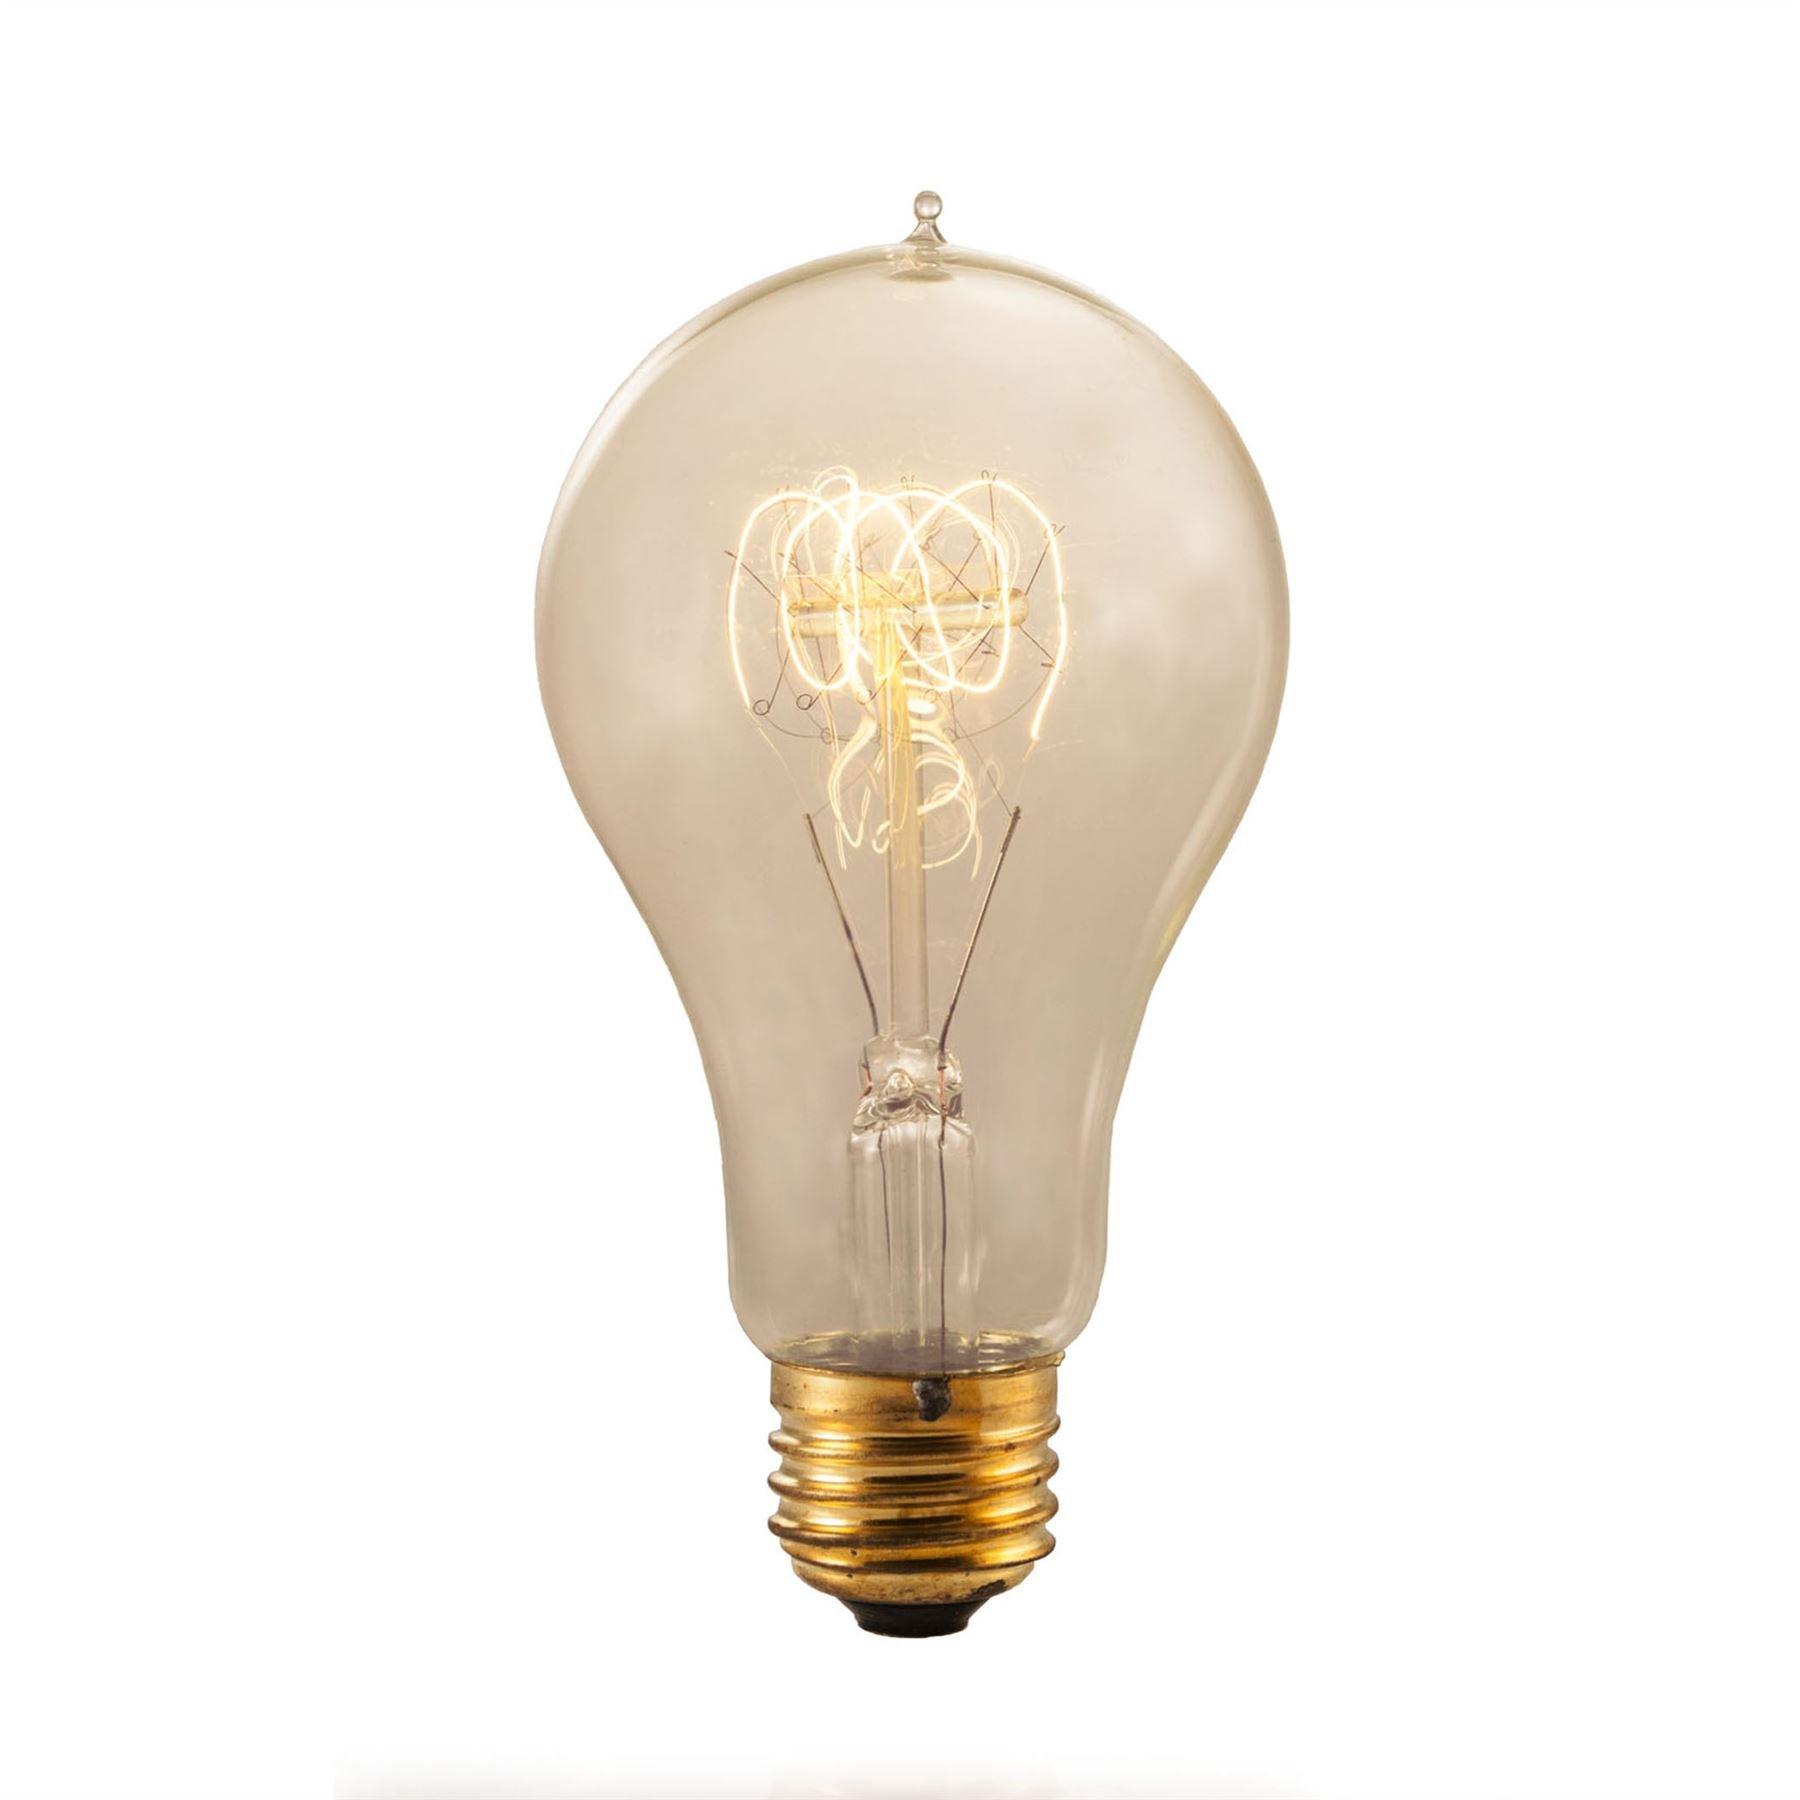 Bulbrite NOS25-VICTOR/A21 25-Watt Nostalgic Edison A21 Bulb, Victorian Loop Filament - 6 Pack